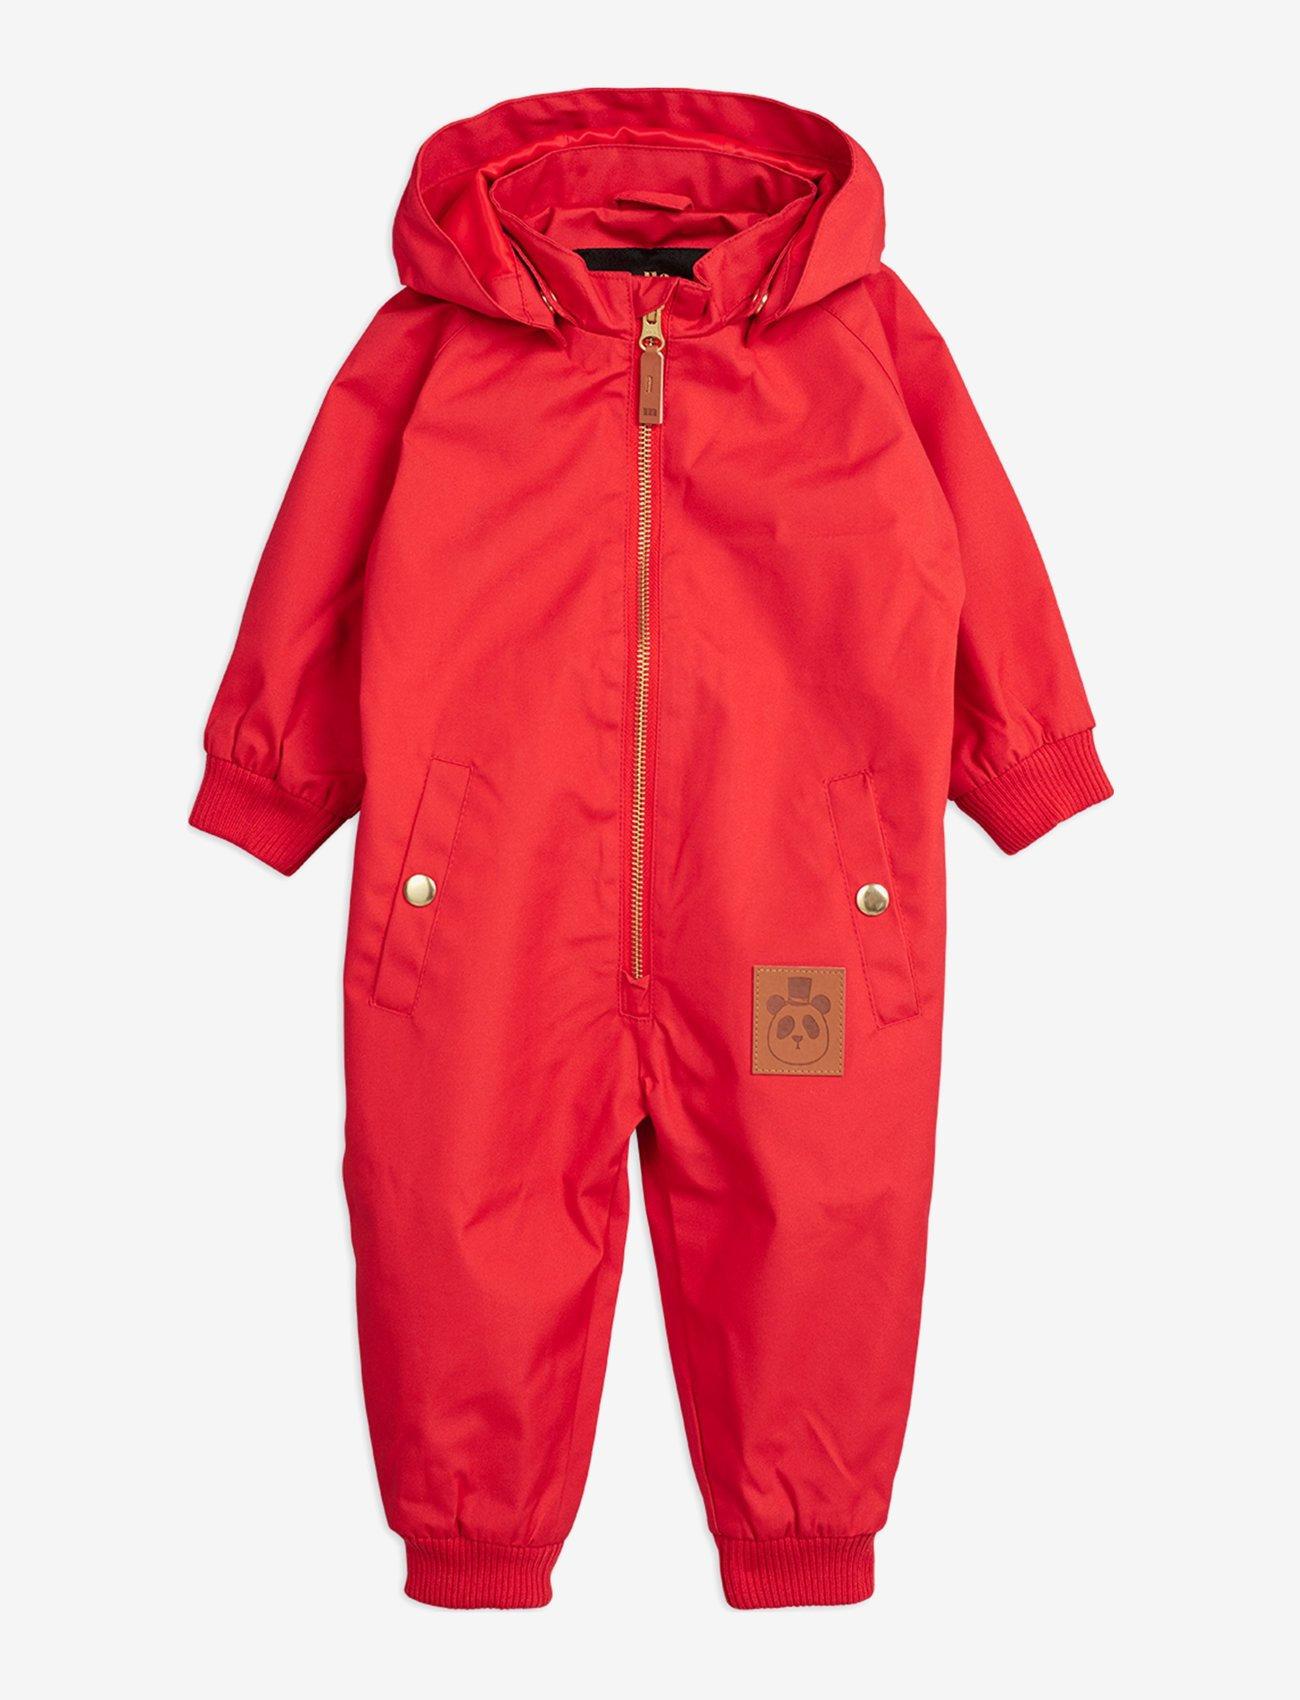 Mini Rodini - Pico baby overall - ensembles - red - 0